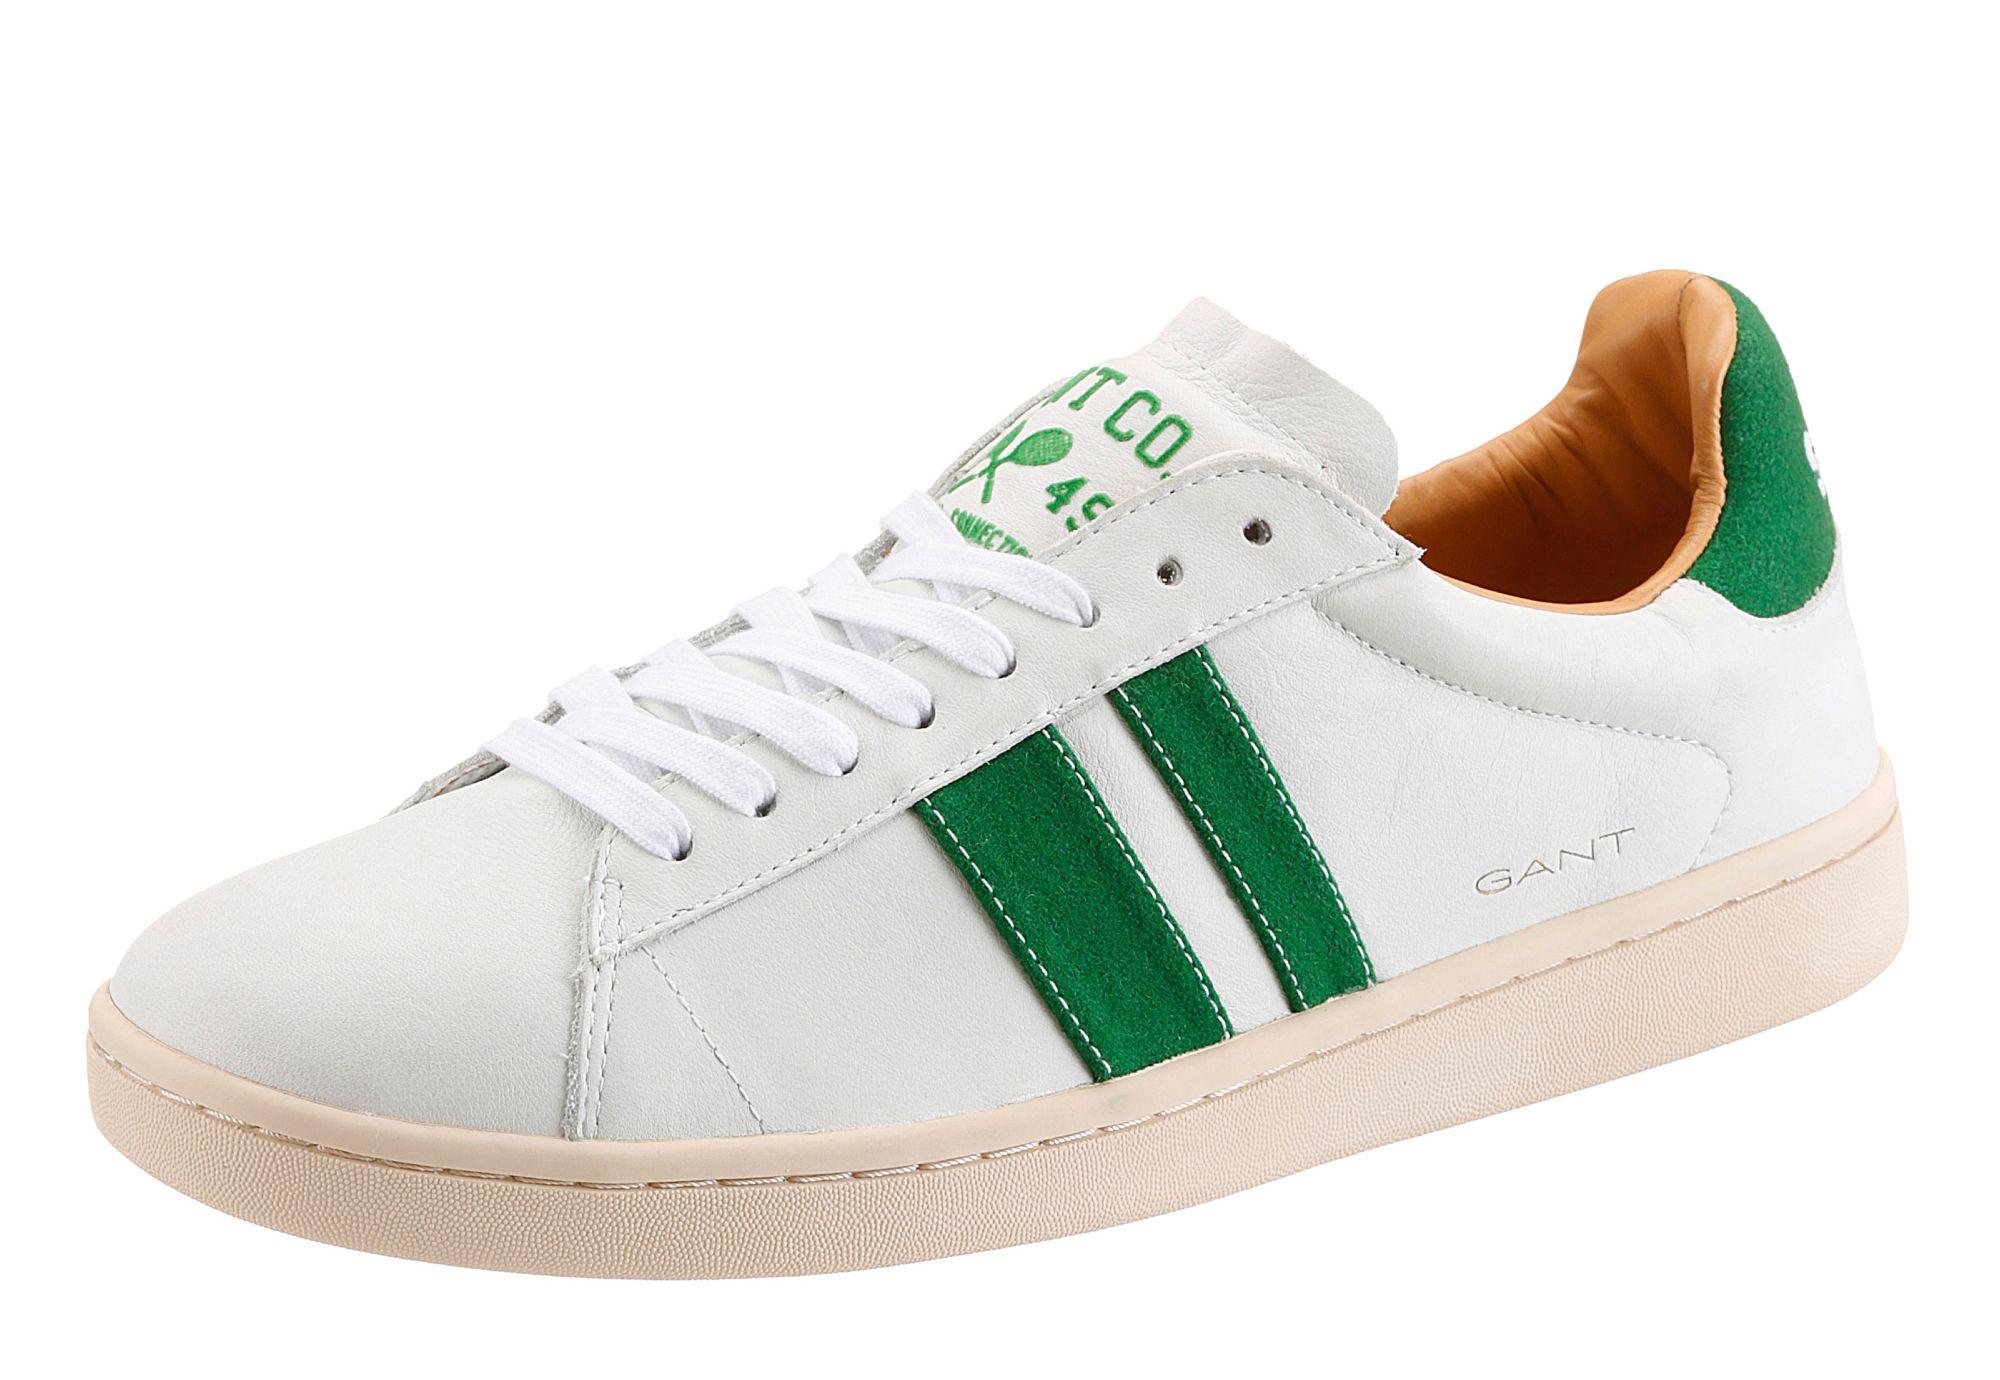 GANT FOOTWEAR GANT Sneaker mit Zierstreifen